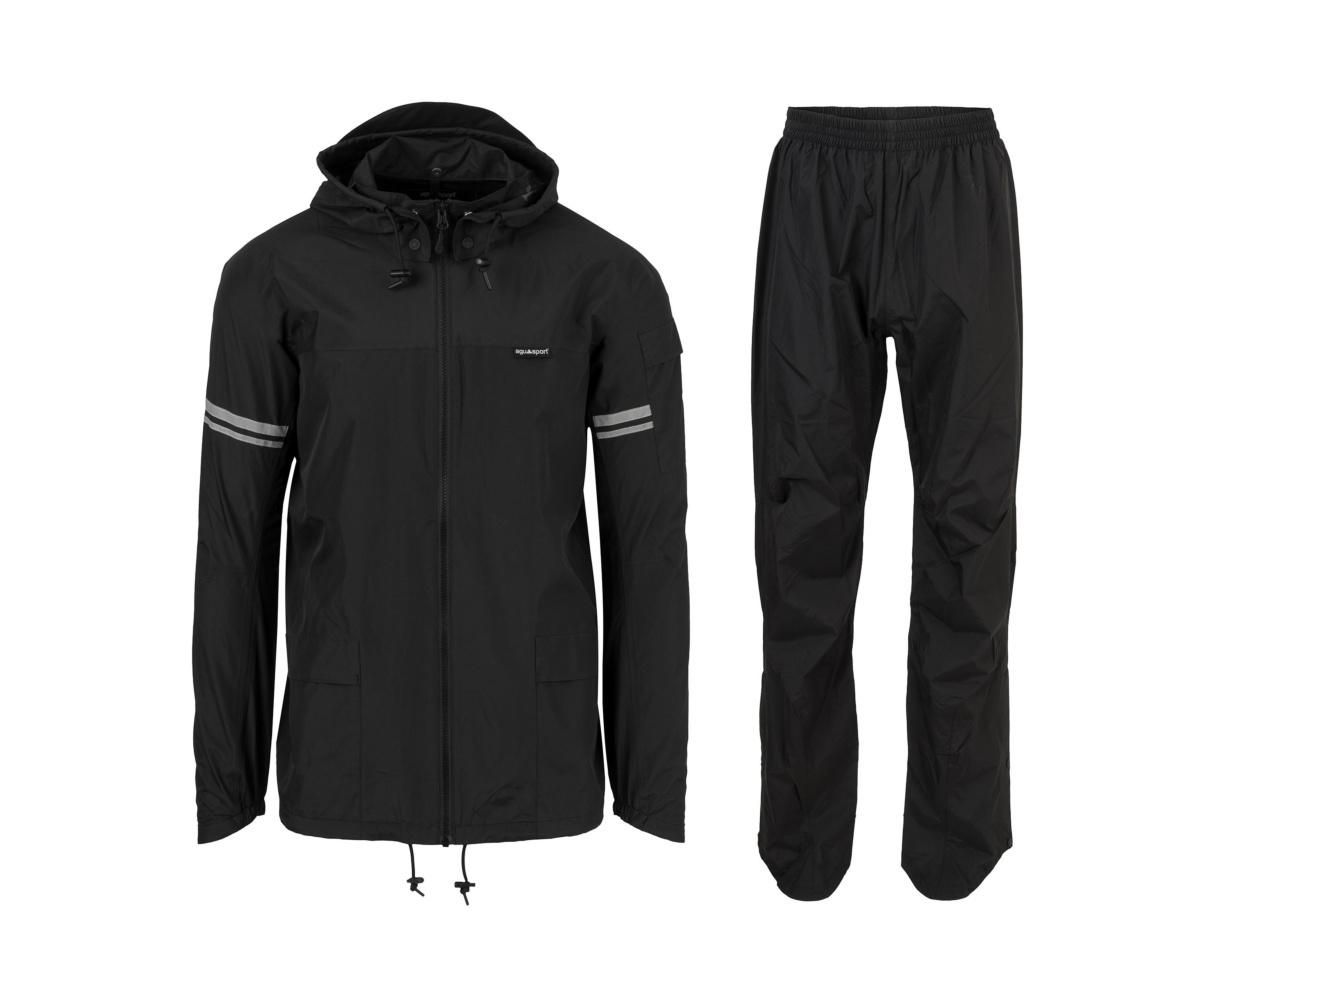 Original Rain Suit - Regenpak Zwart - Maat L